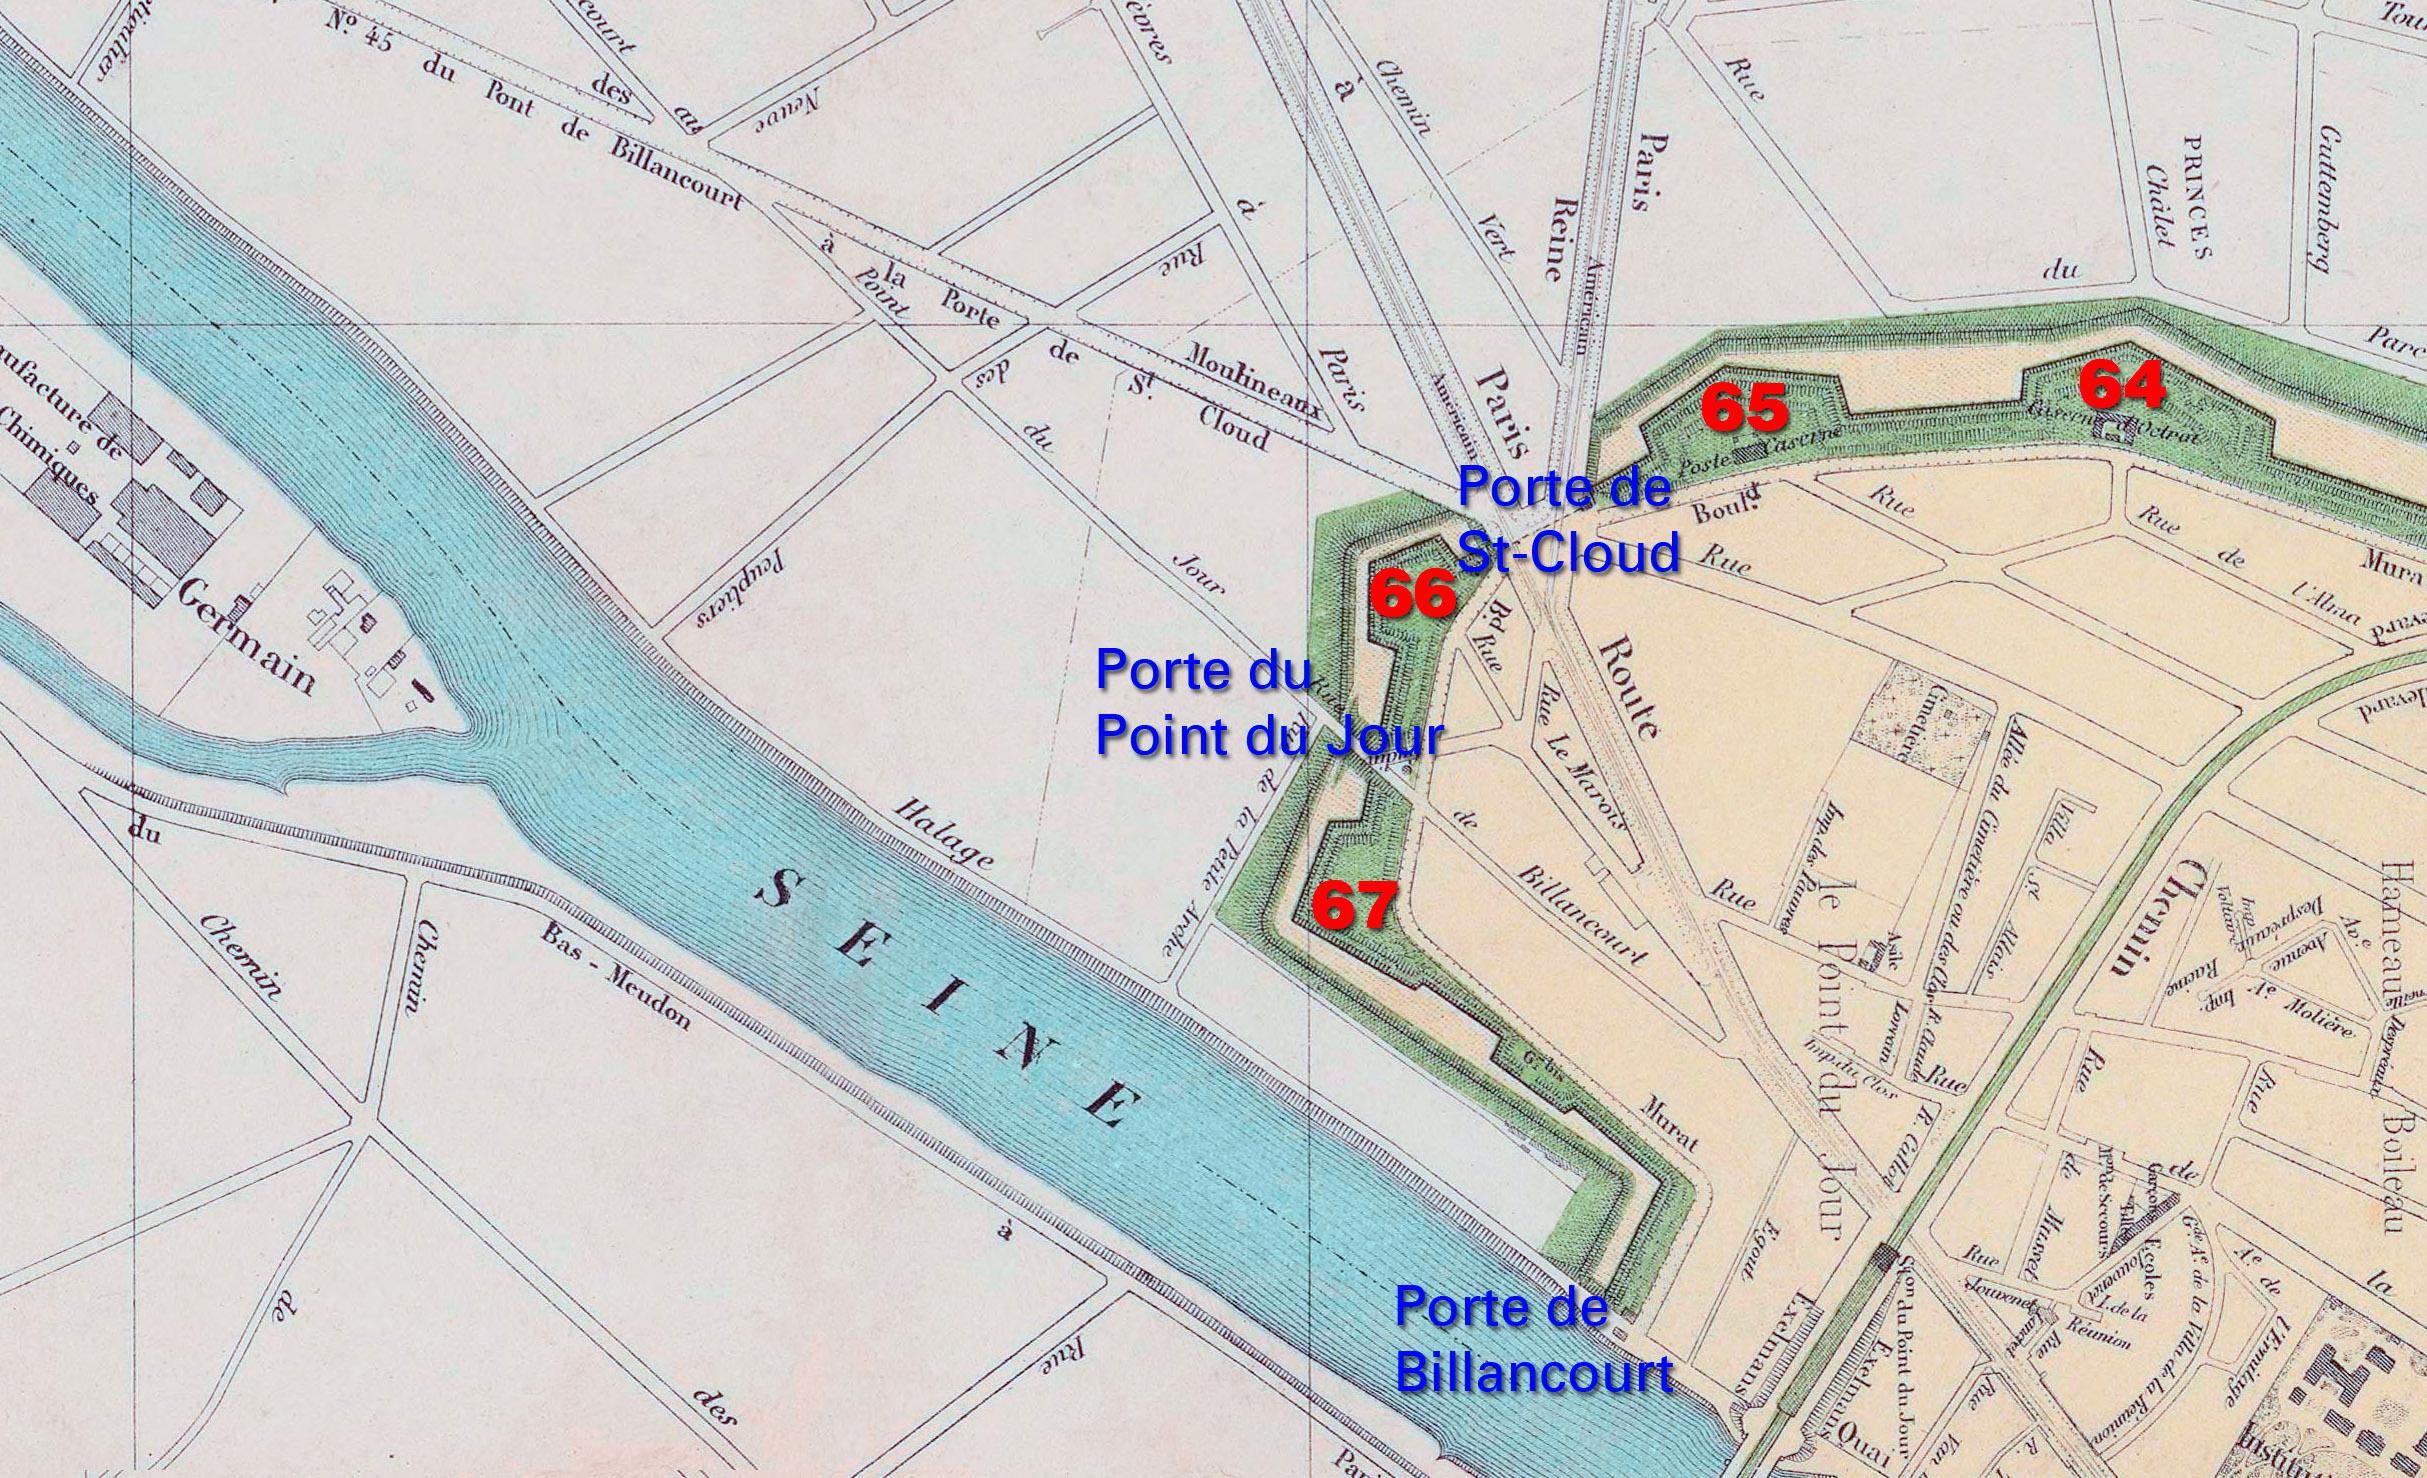 Plan des bastions et portes